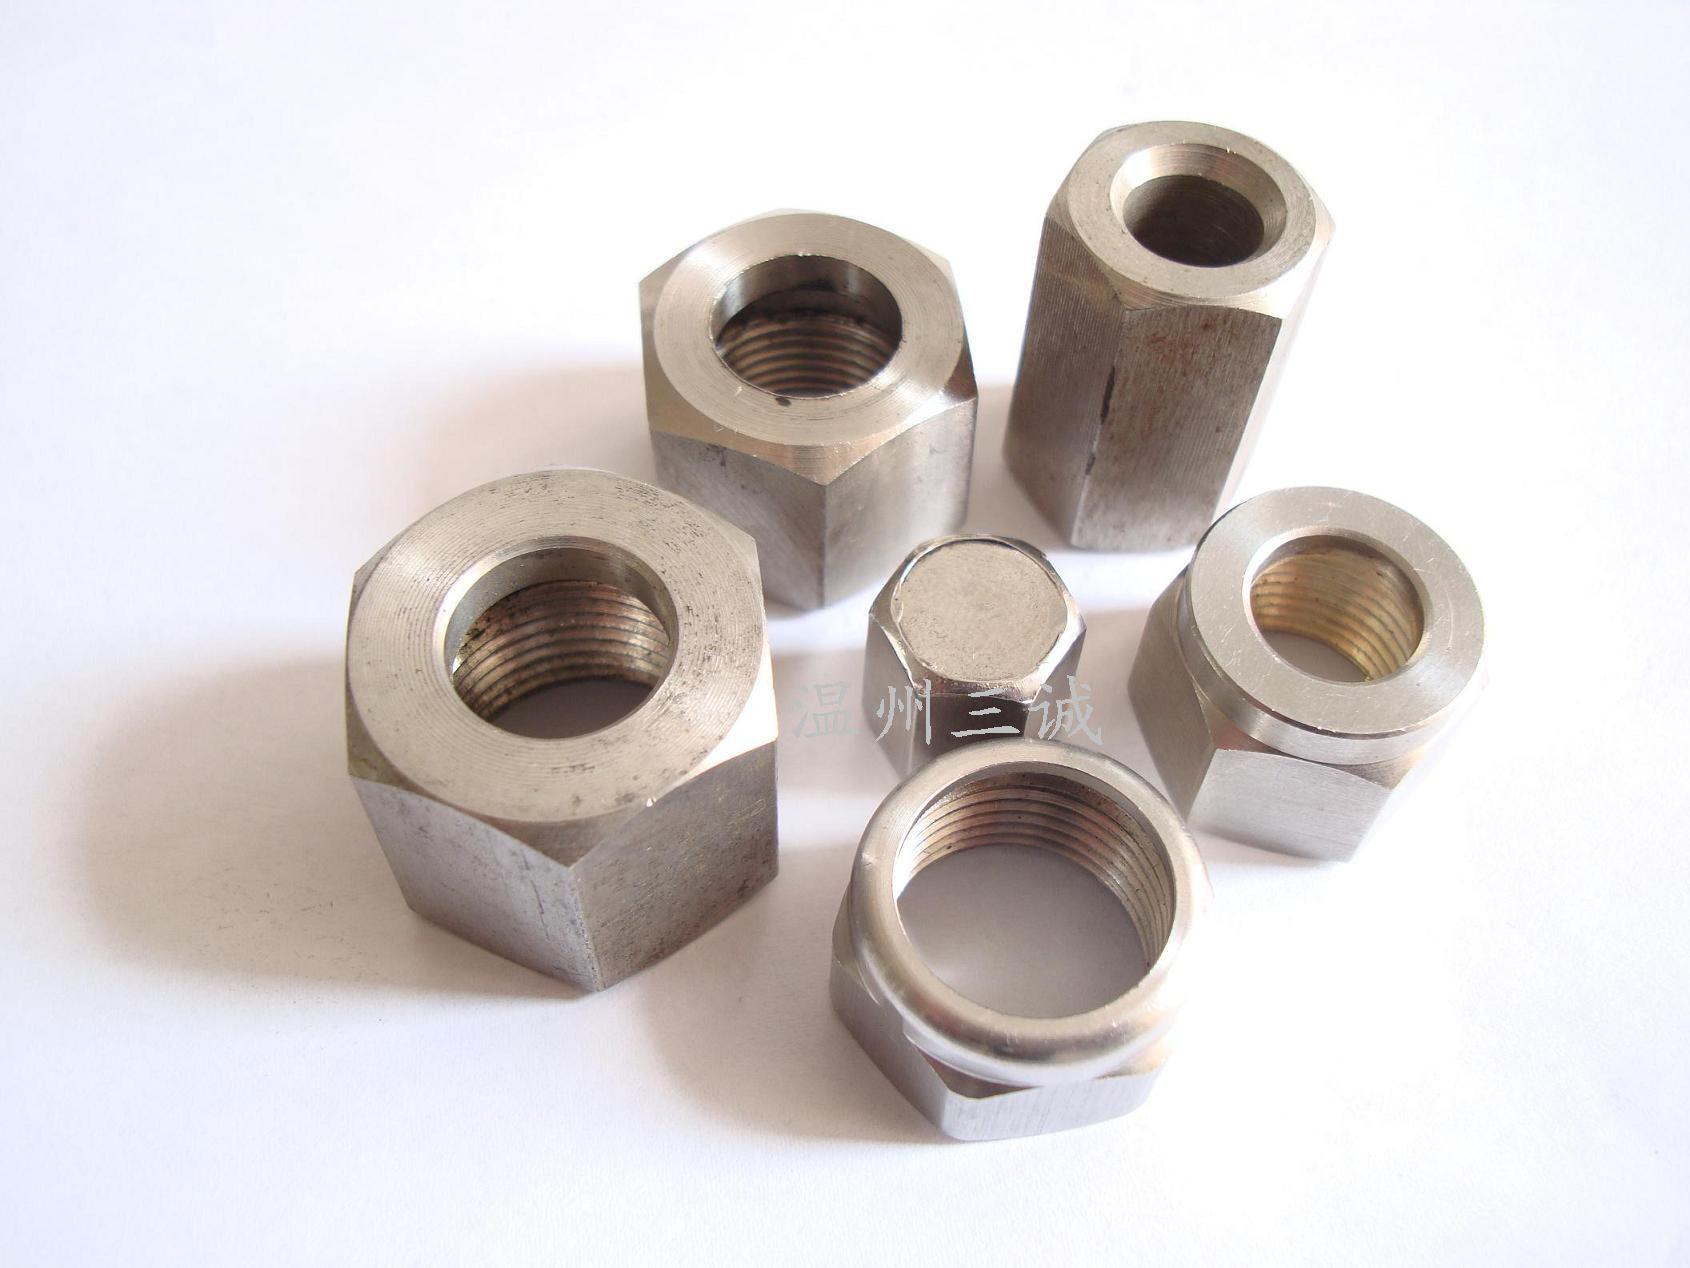 不锈钢螺母价格,不锈钢螺母厂家